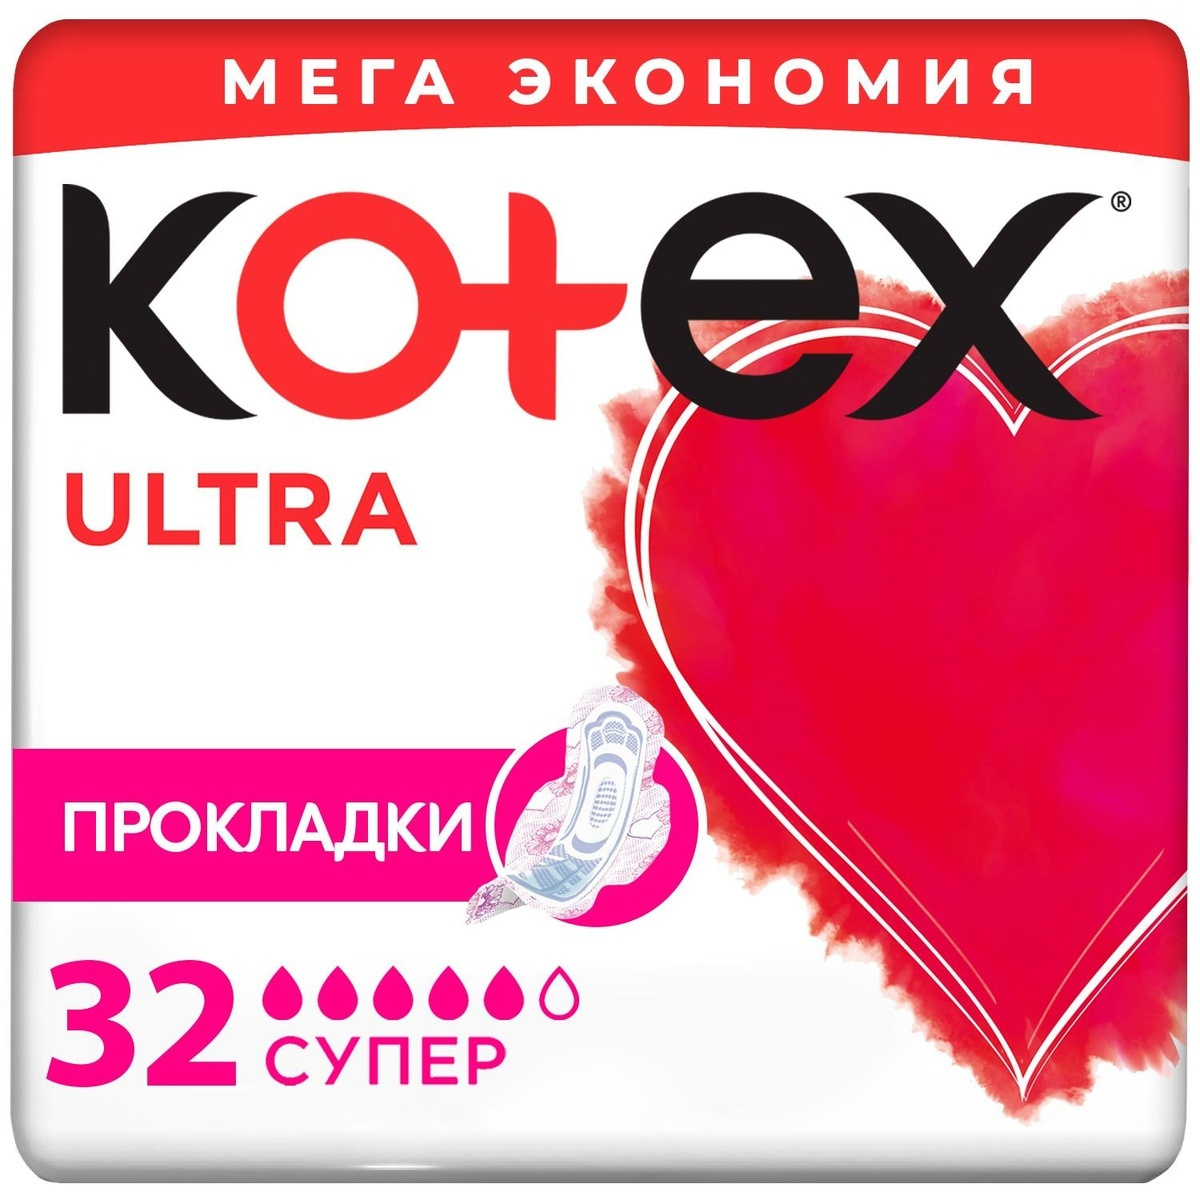 Kotex Прокладки гигиенические сетчатые Ultra Super 32 шт #1